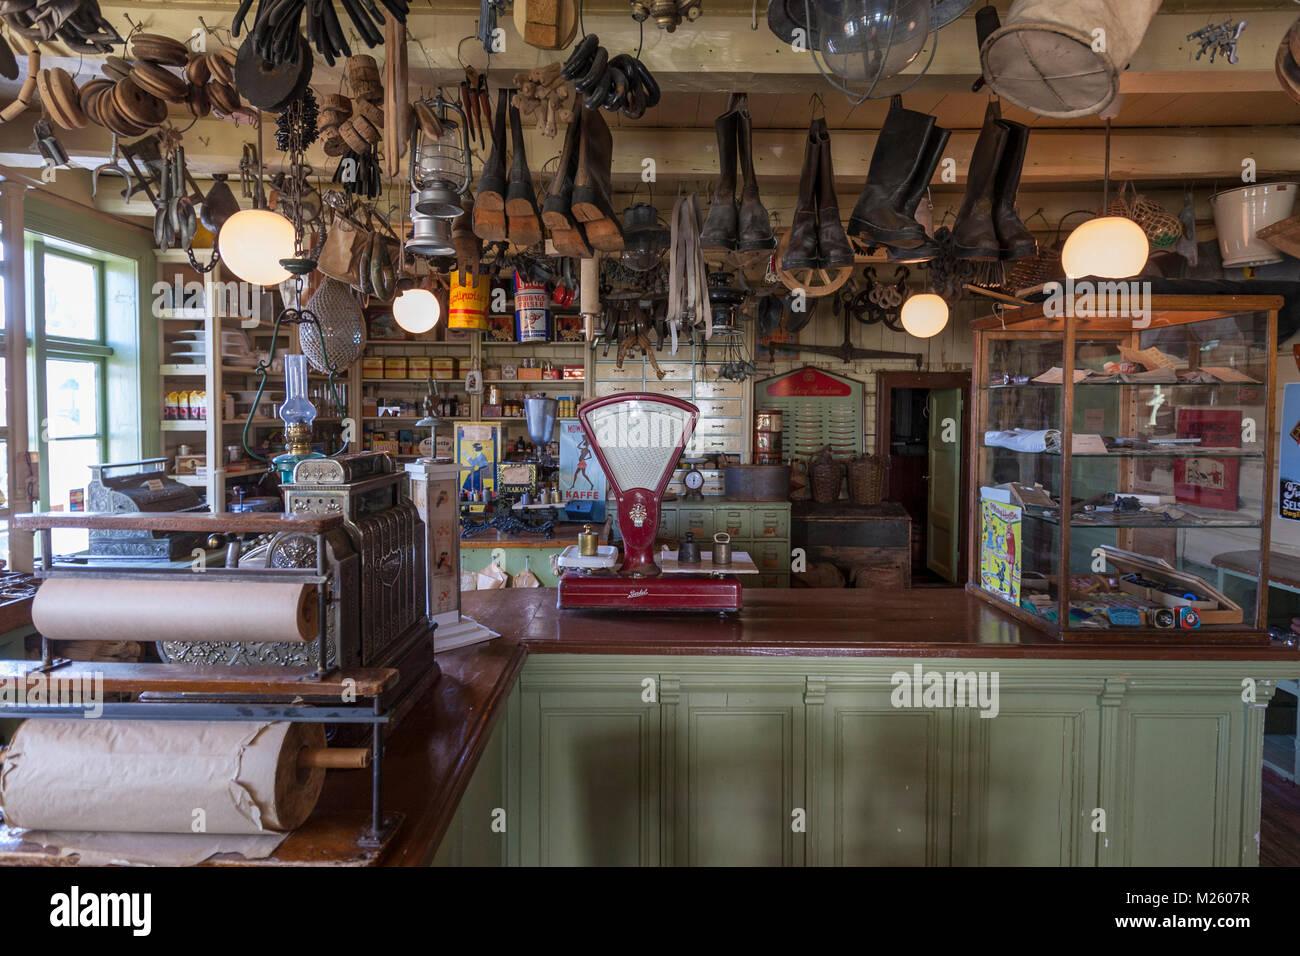 Tienda Multi tienda con ambiente vintage en Svolvaer, isla de Austvågøya, archipiélago de Lofoten. Imagen De Stock